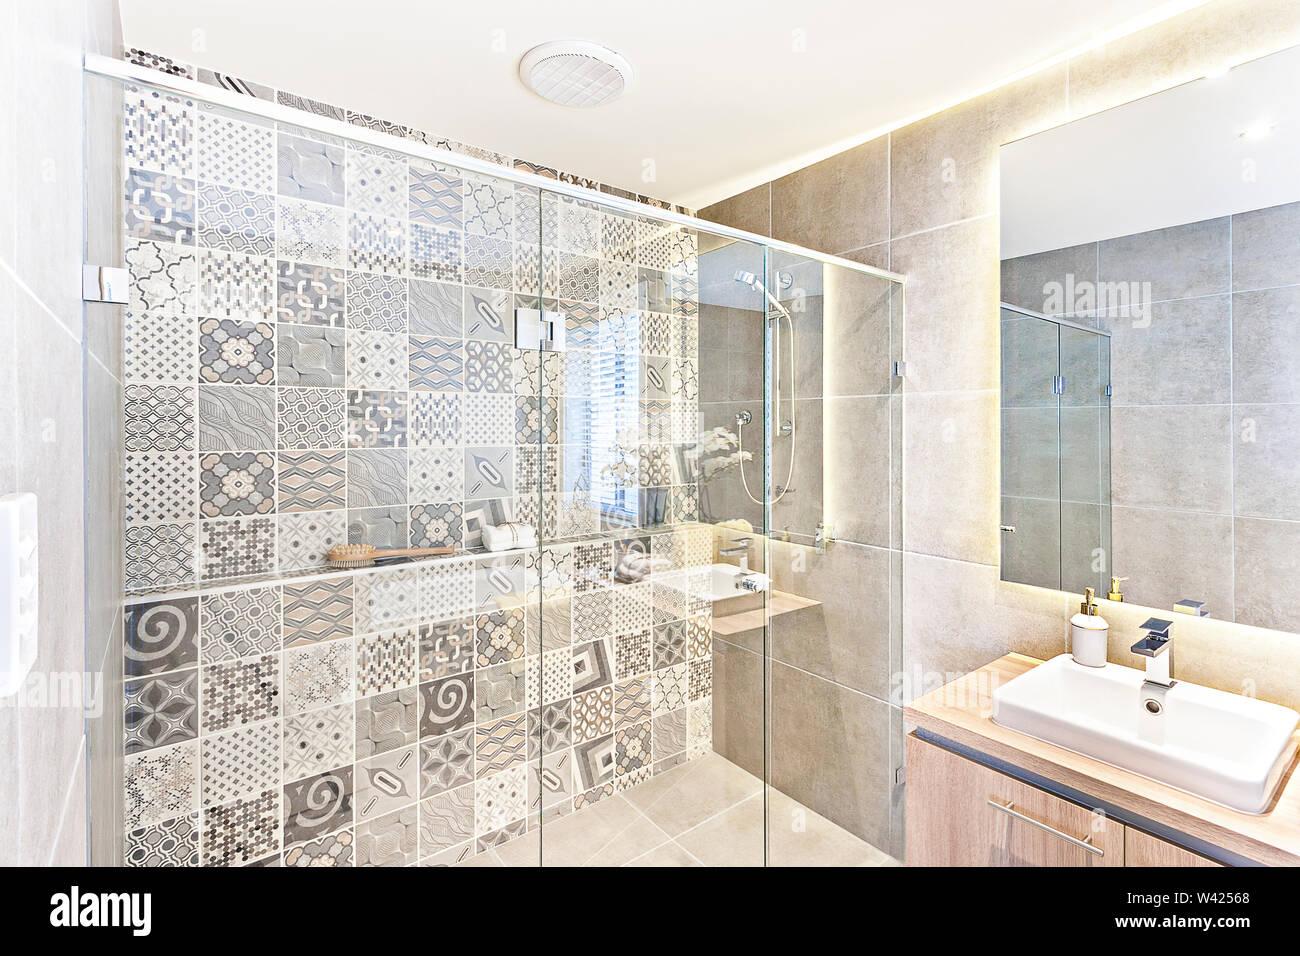 Badezimmer Muster Wall Design mit Kunst an der Wand in der ...